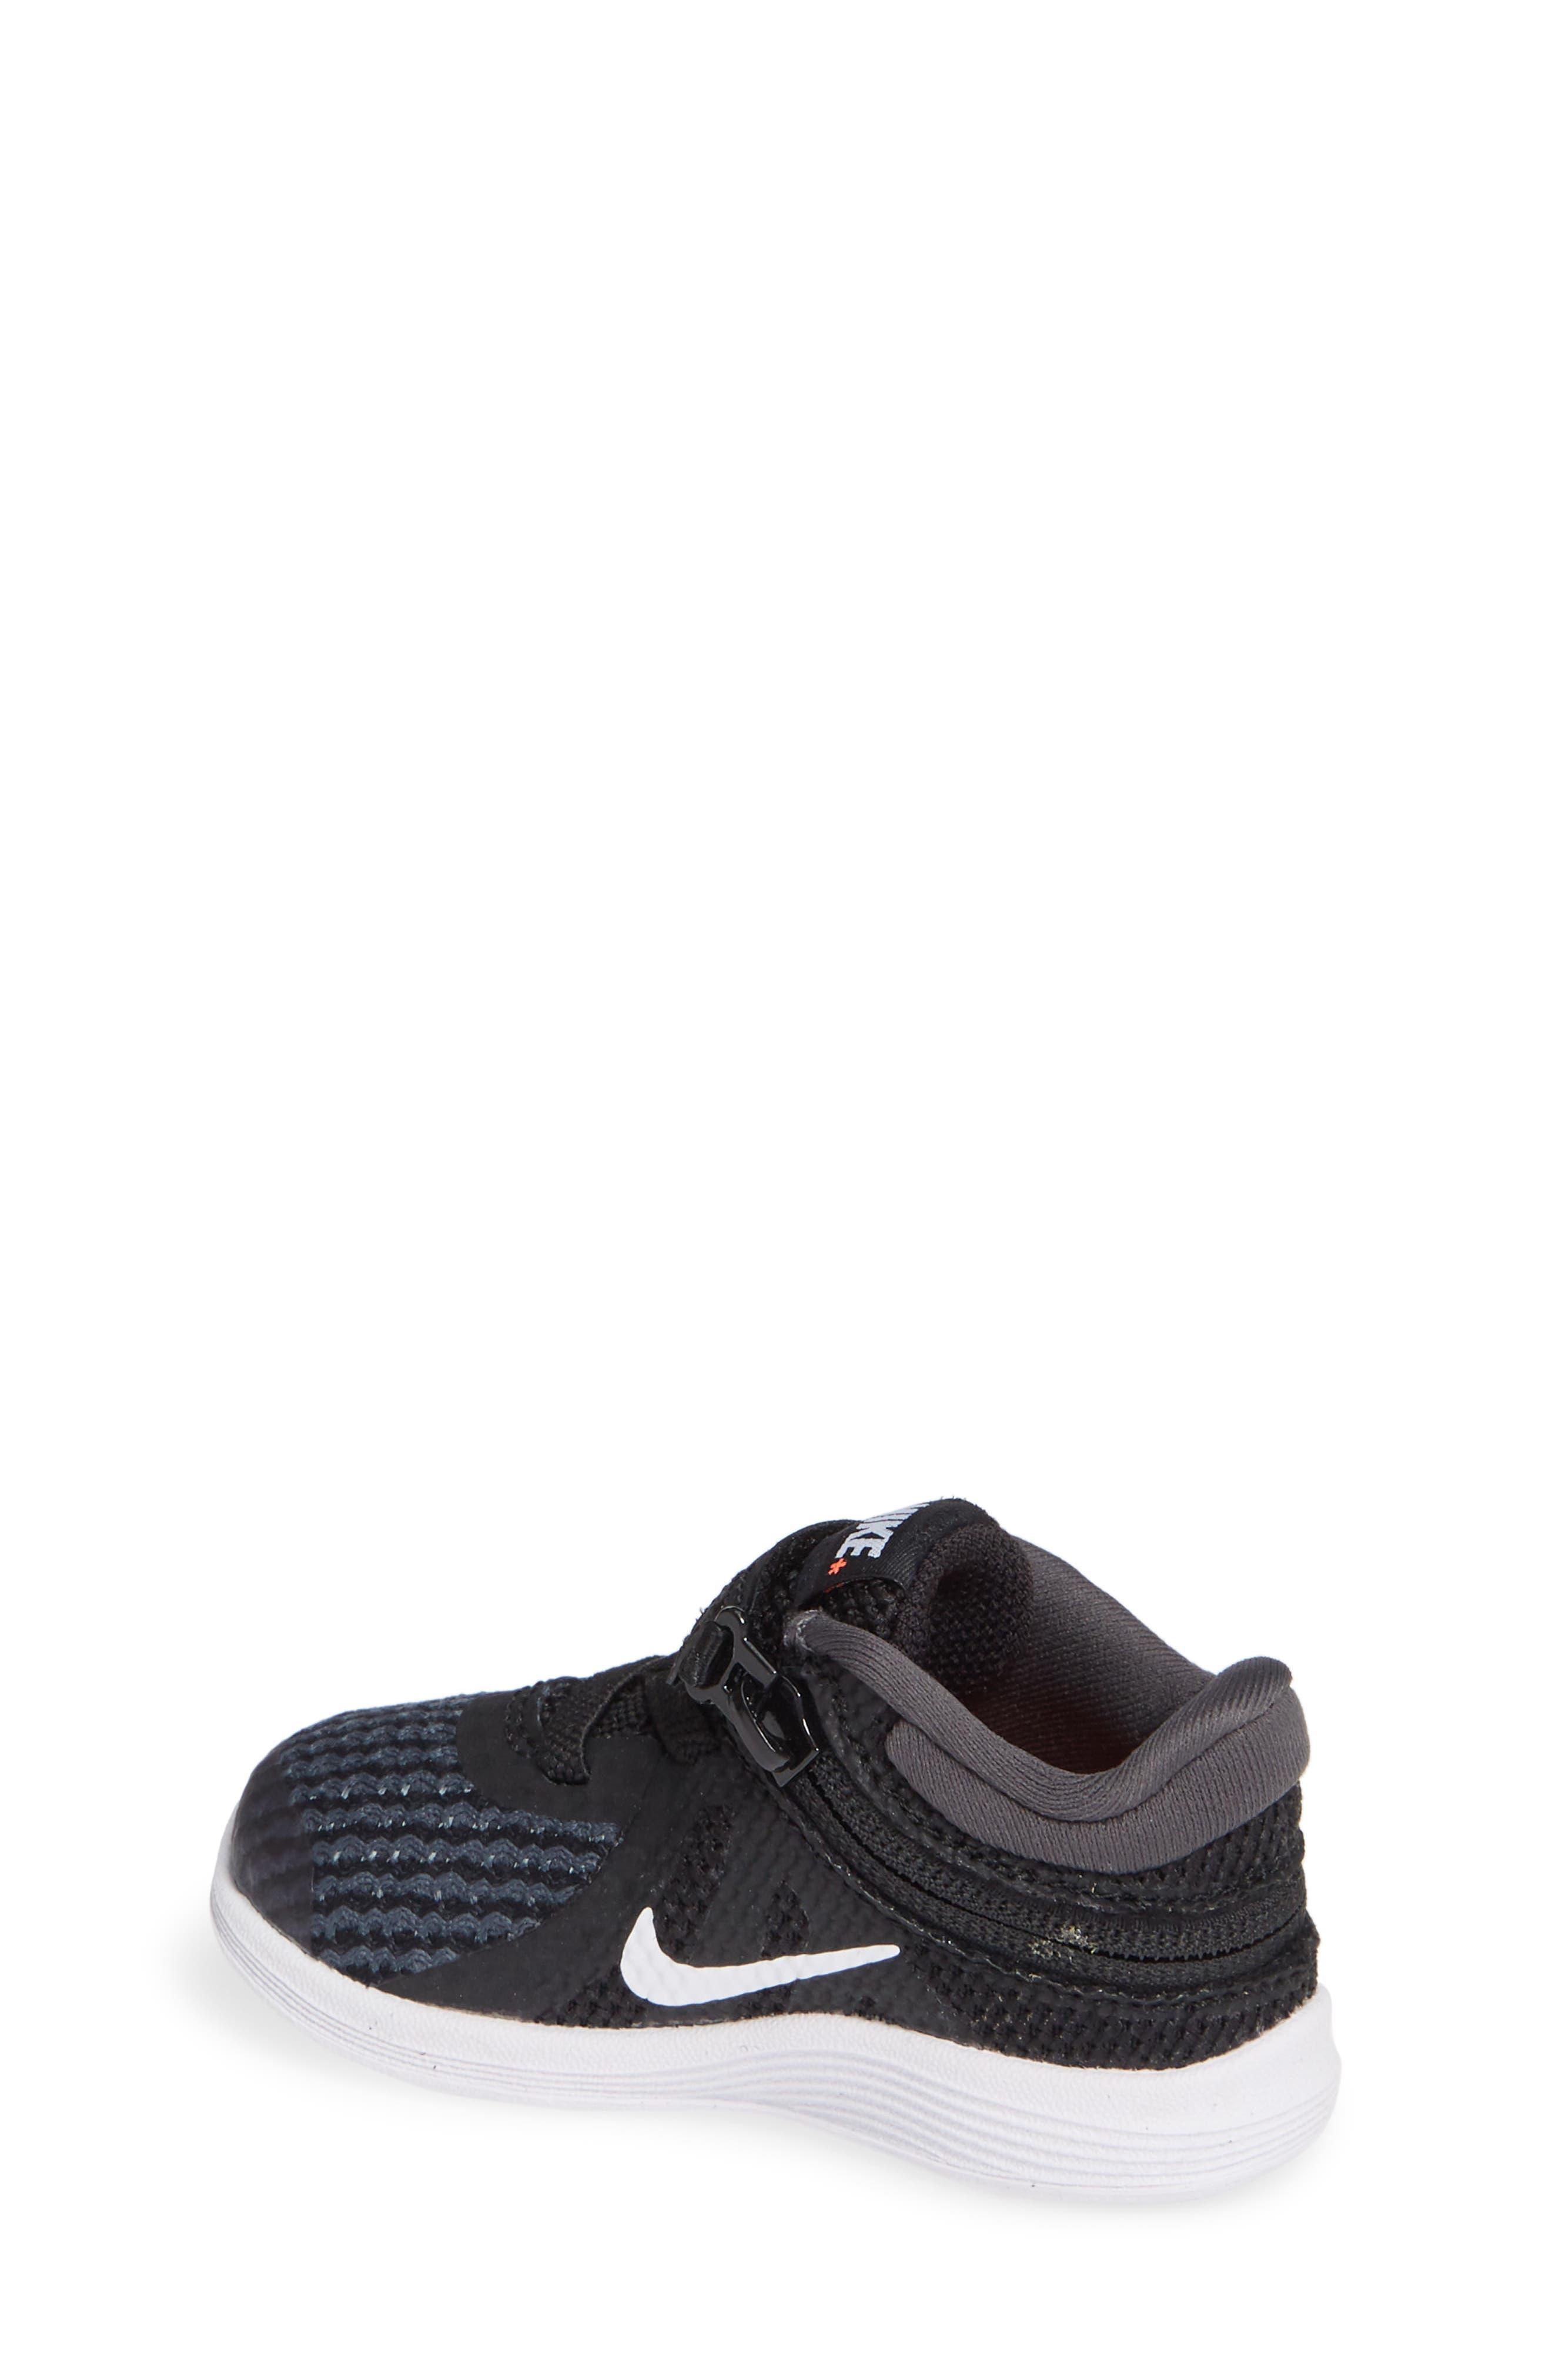 NIKE,                             Revolution 4 Flyease Sneaker,                             Alternate thumbnail 2, color,                             BLACK TOTAL CRIMSON